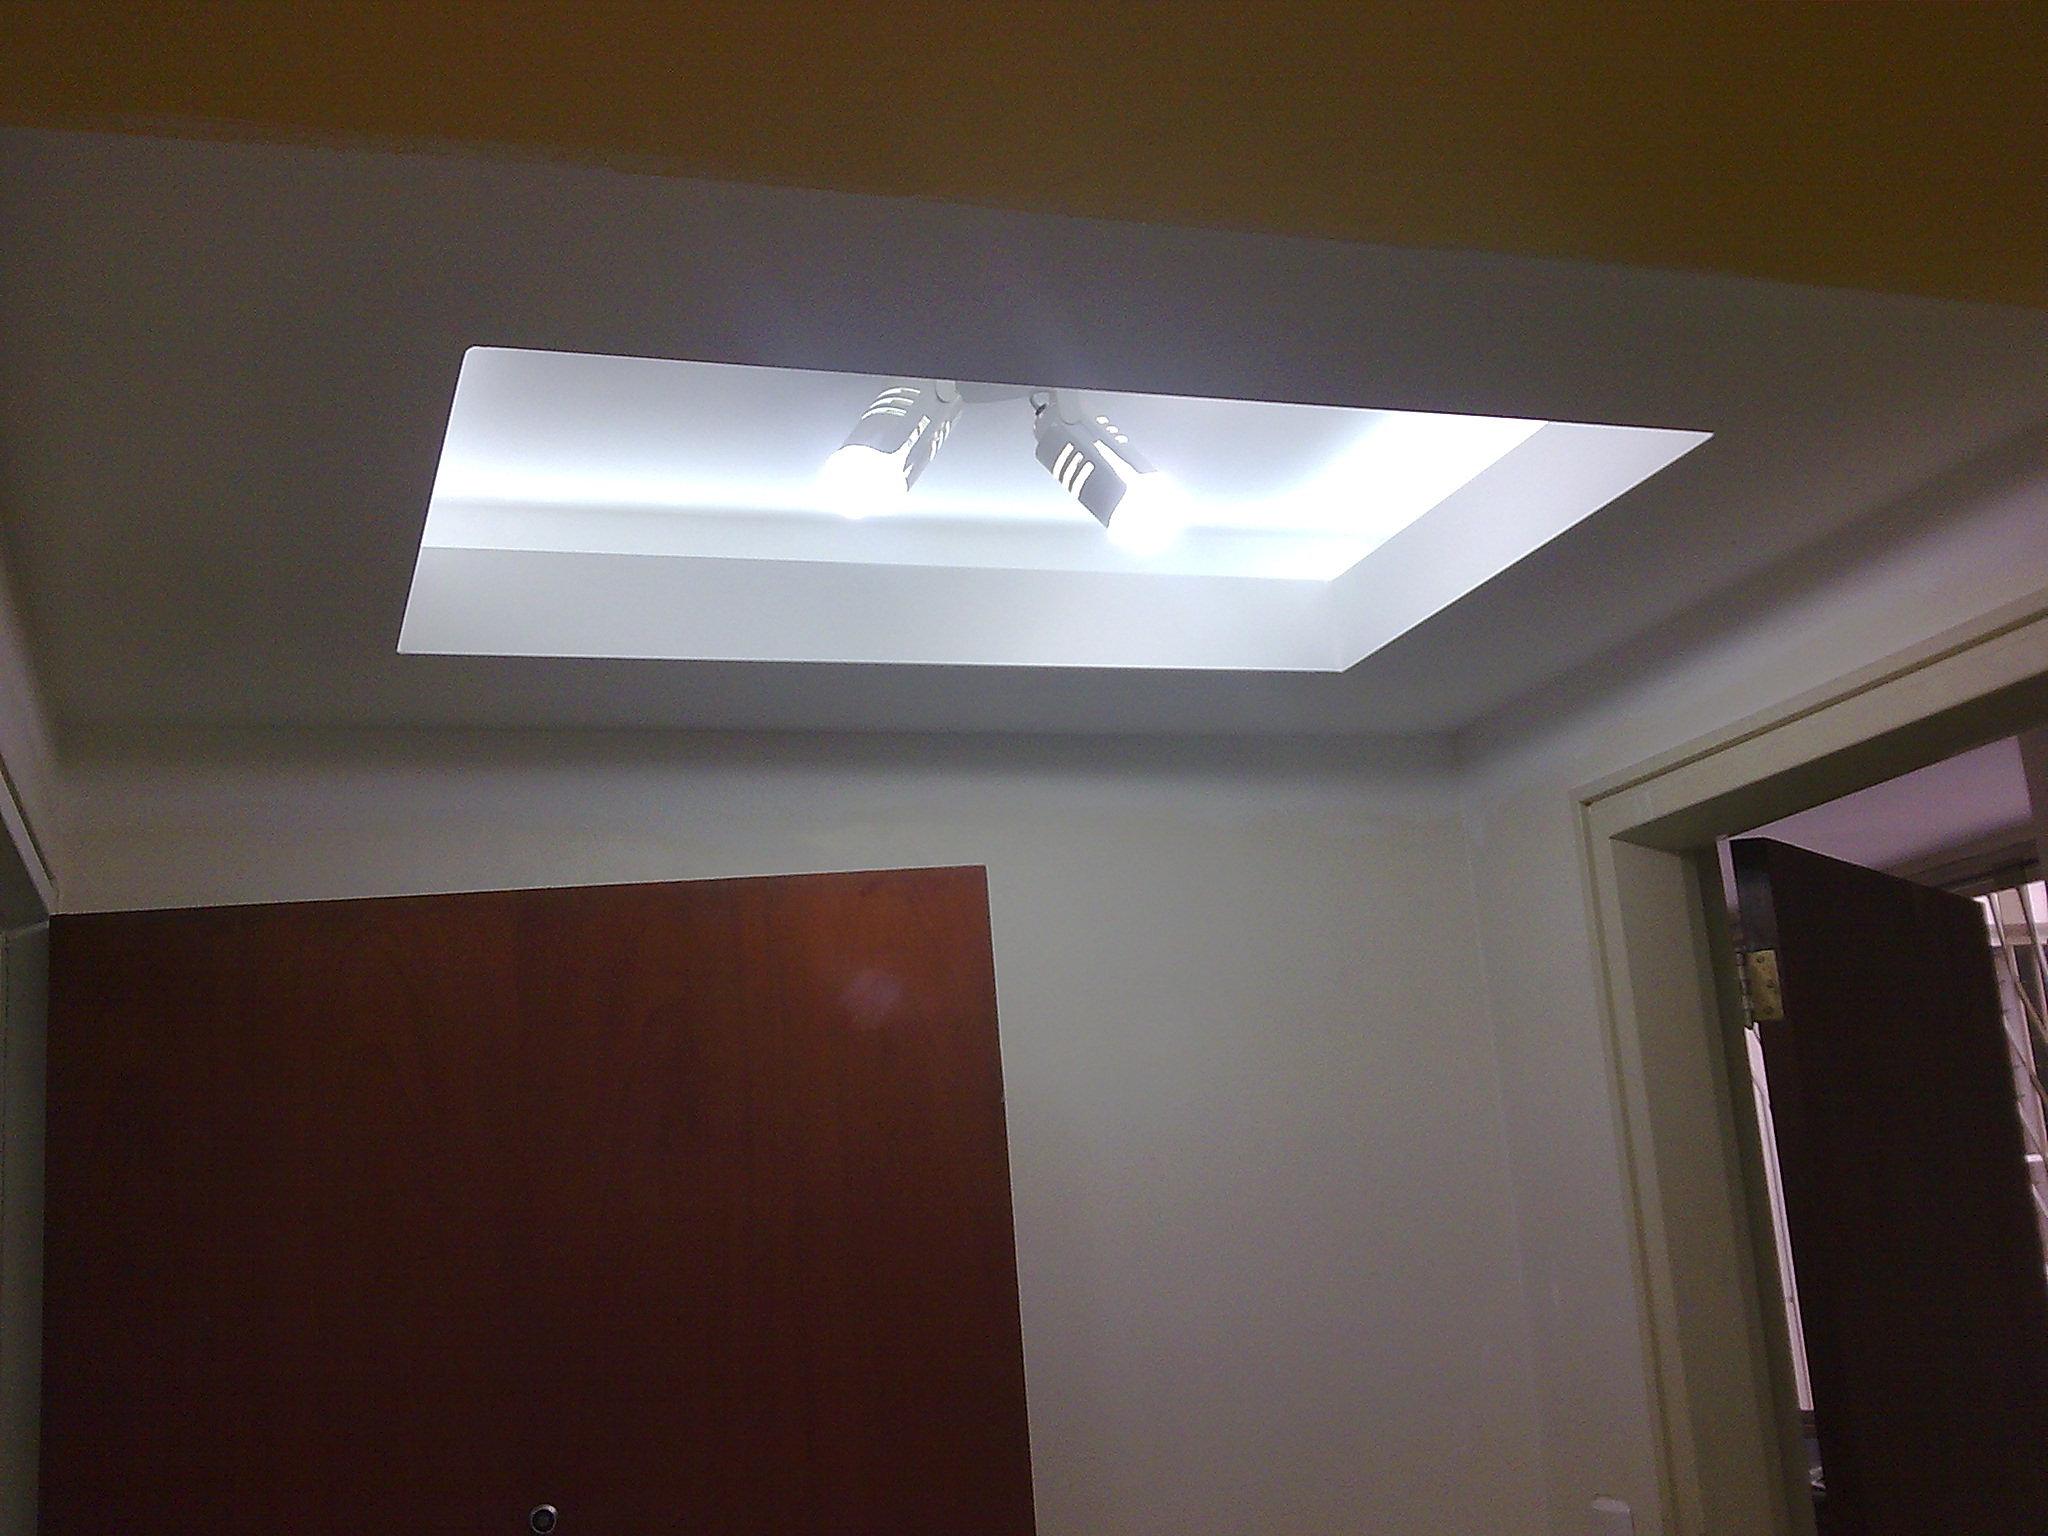 Instalaci n de drywall en caracas drywall venezuela for Modelos de techos en drywall